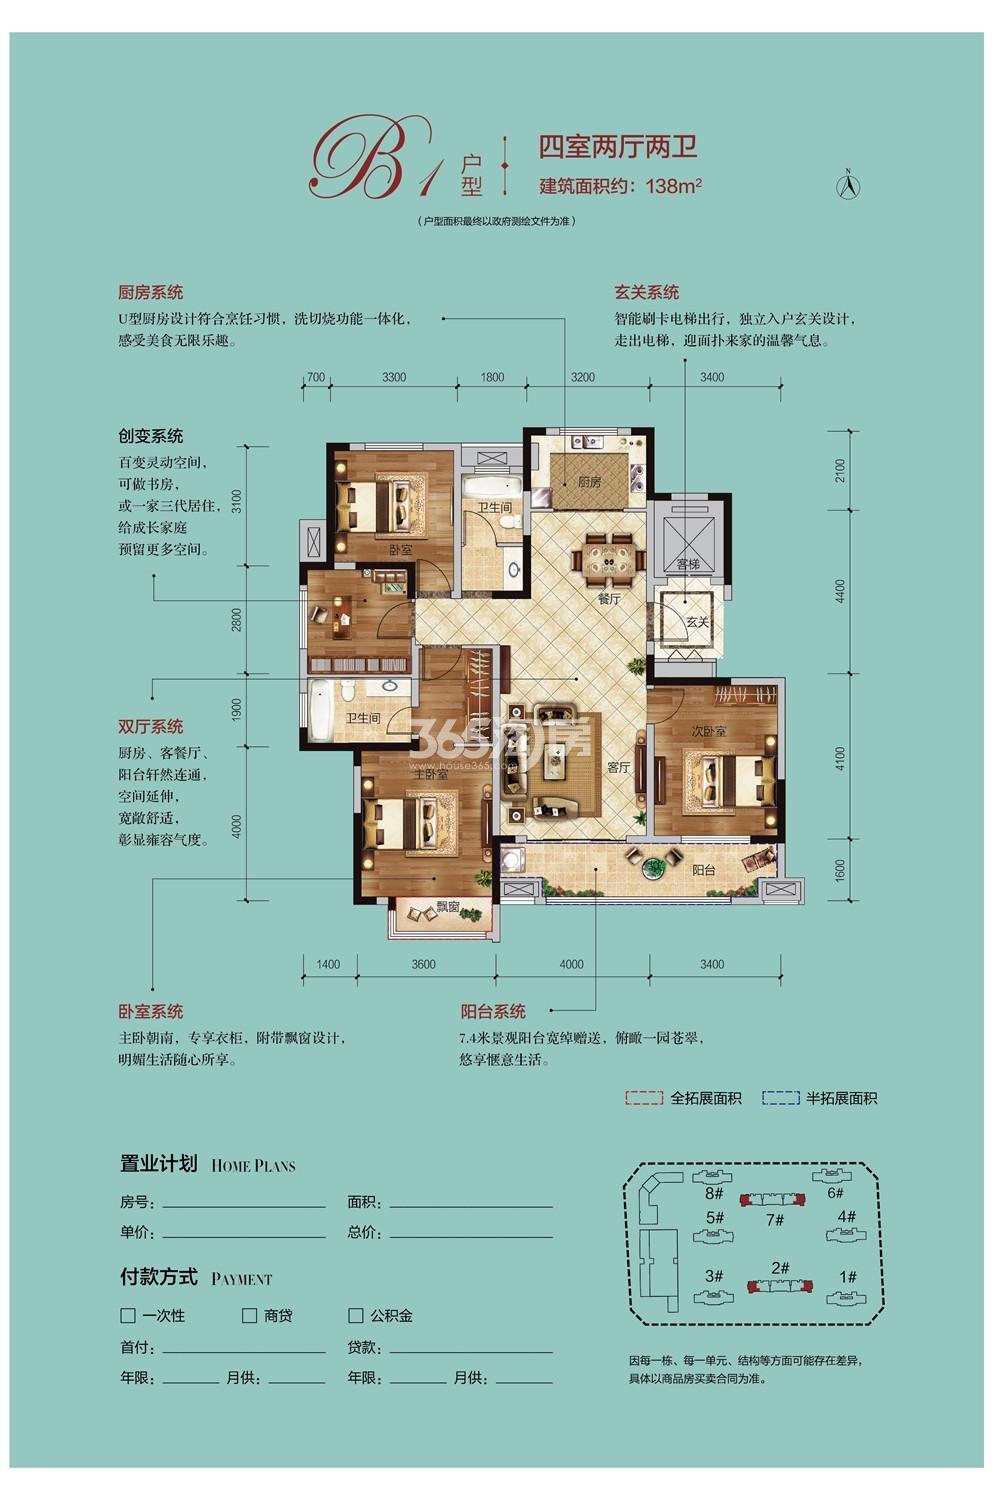 秀山信达城悦公馆B1户型图138㎡